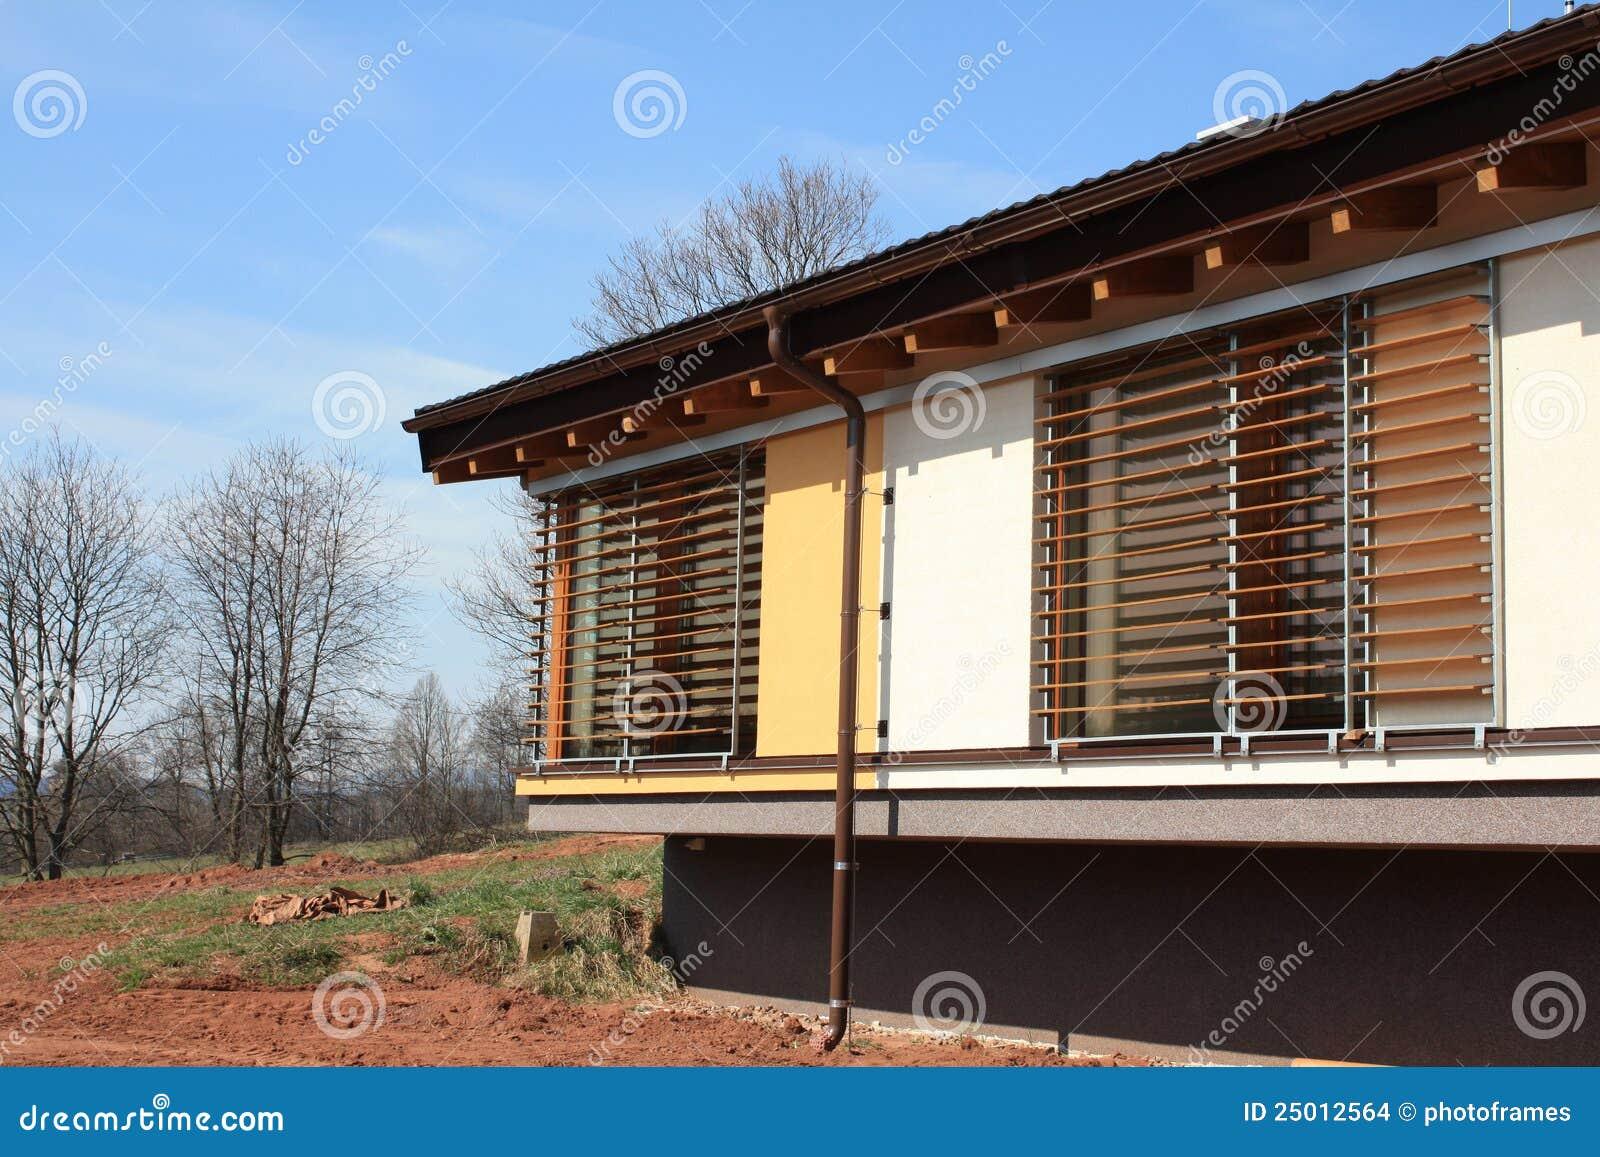 Neues Passives Haus Mit Vorhängen Stockfoto - Bild von ziegelstein ...